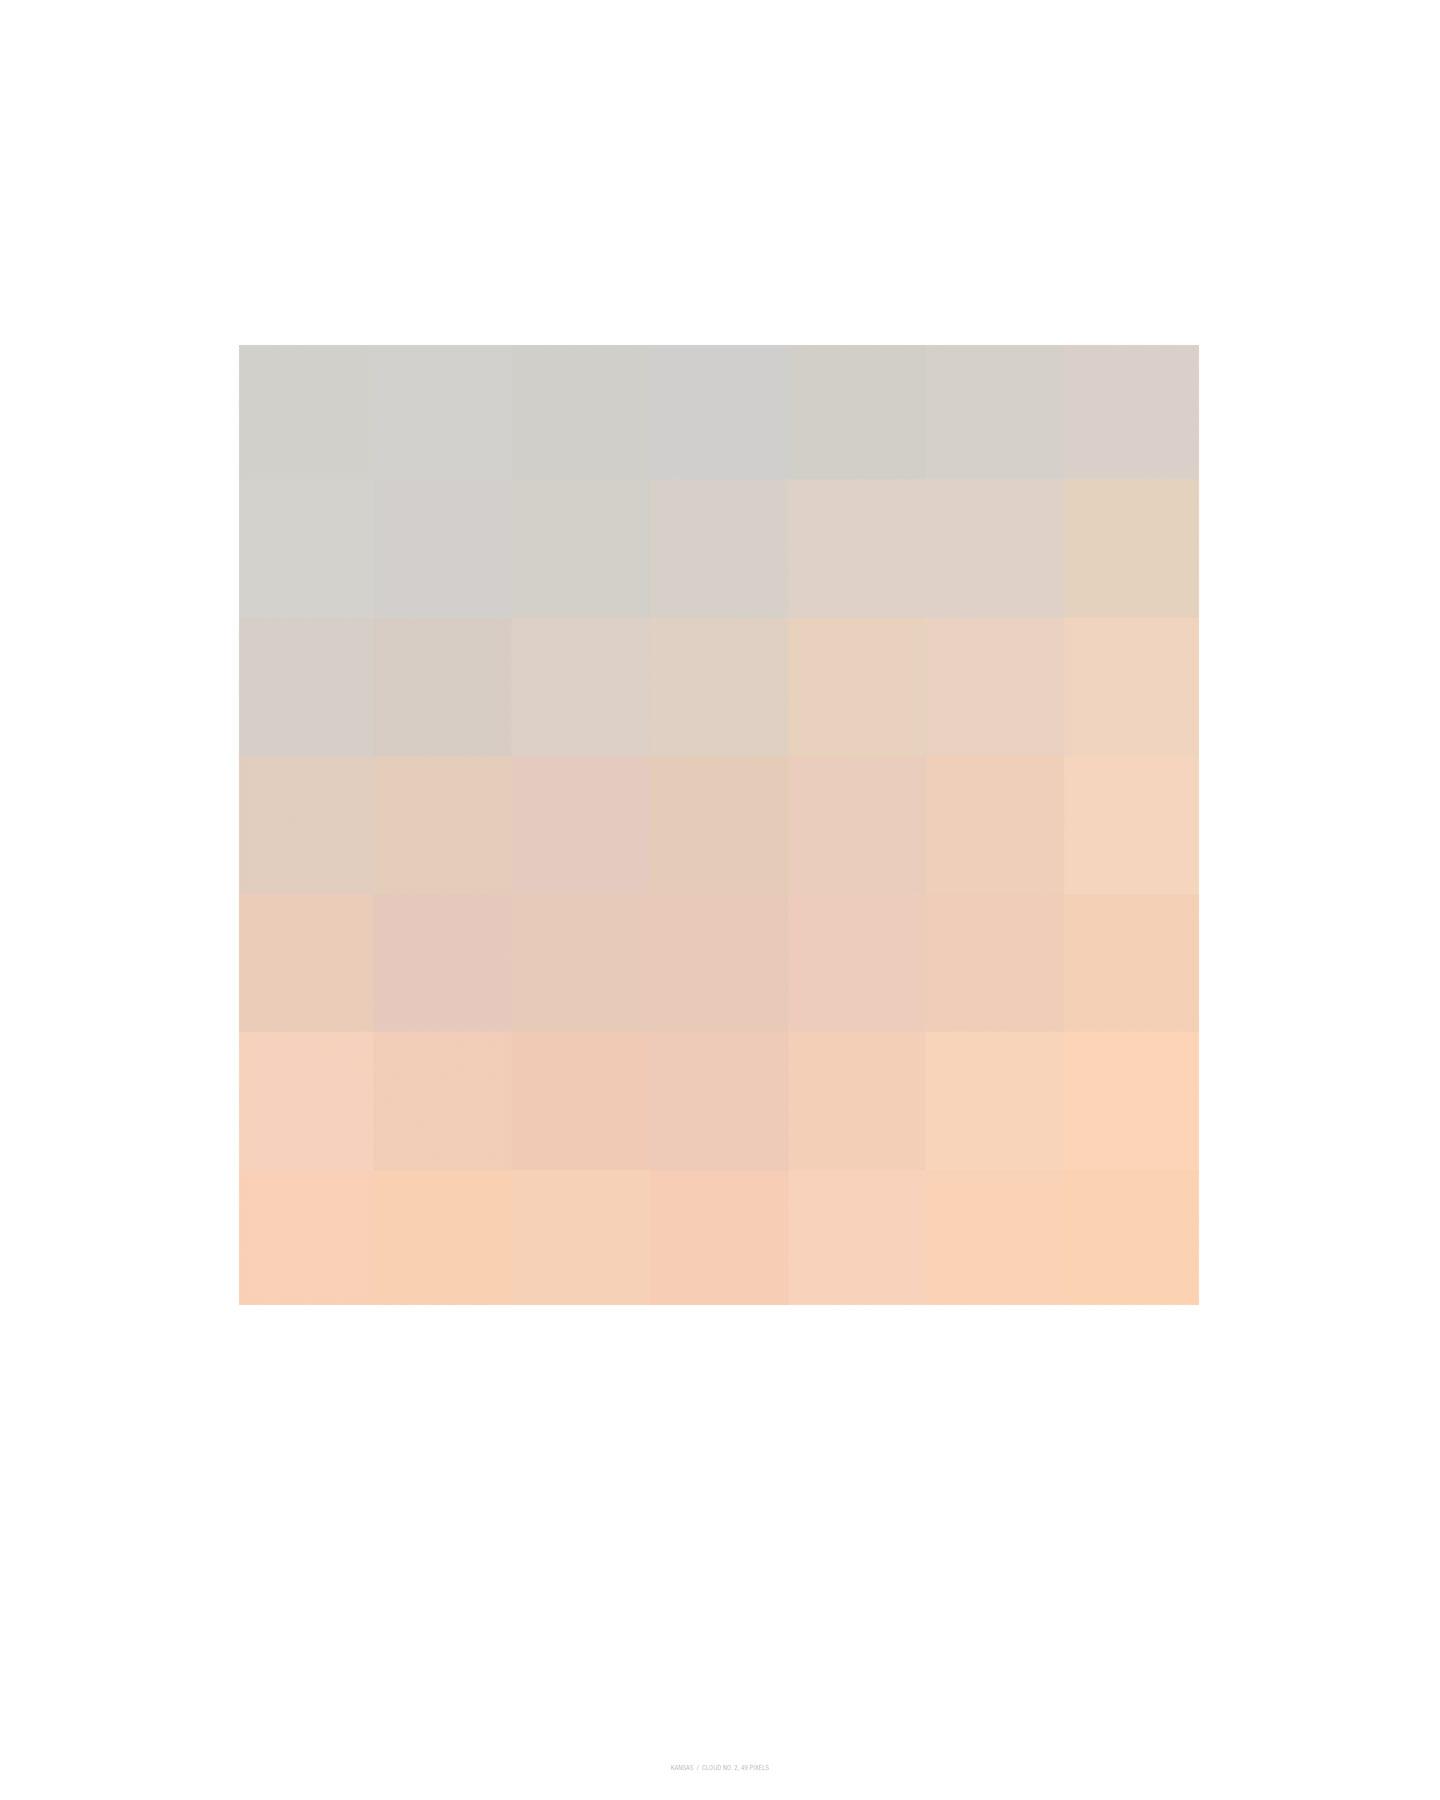 Cloud No. 2, 49 Pixels